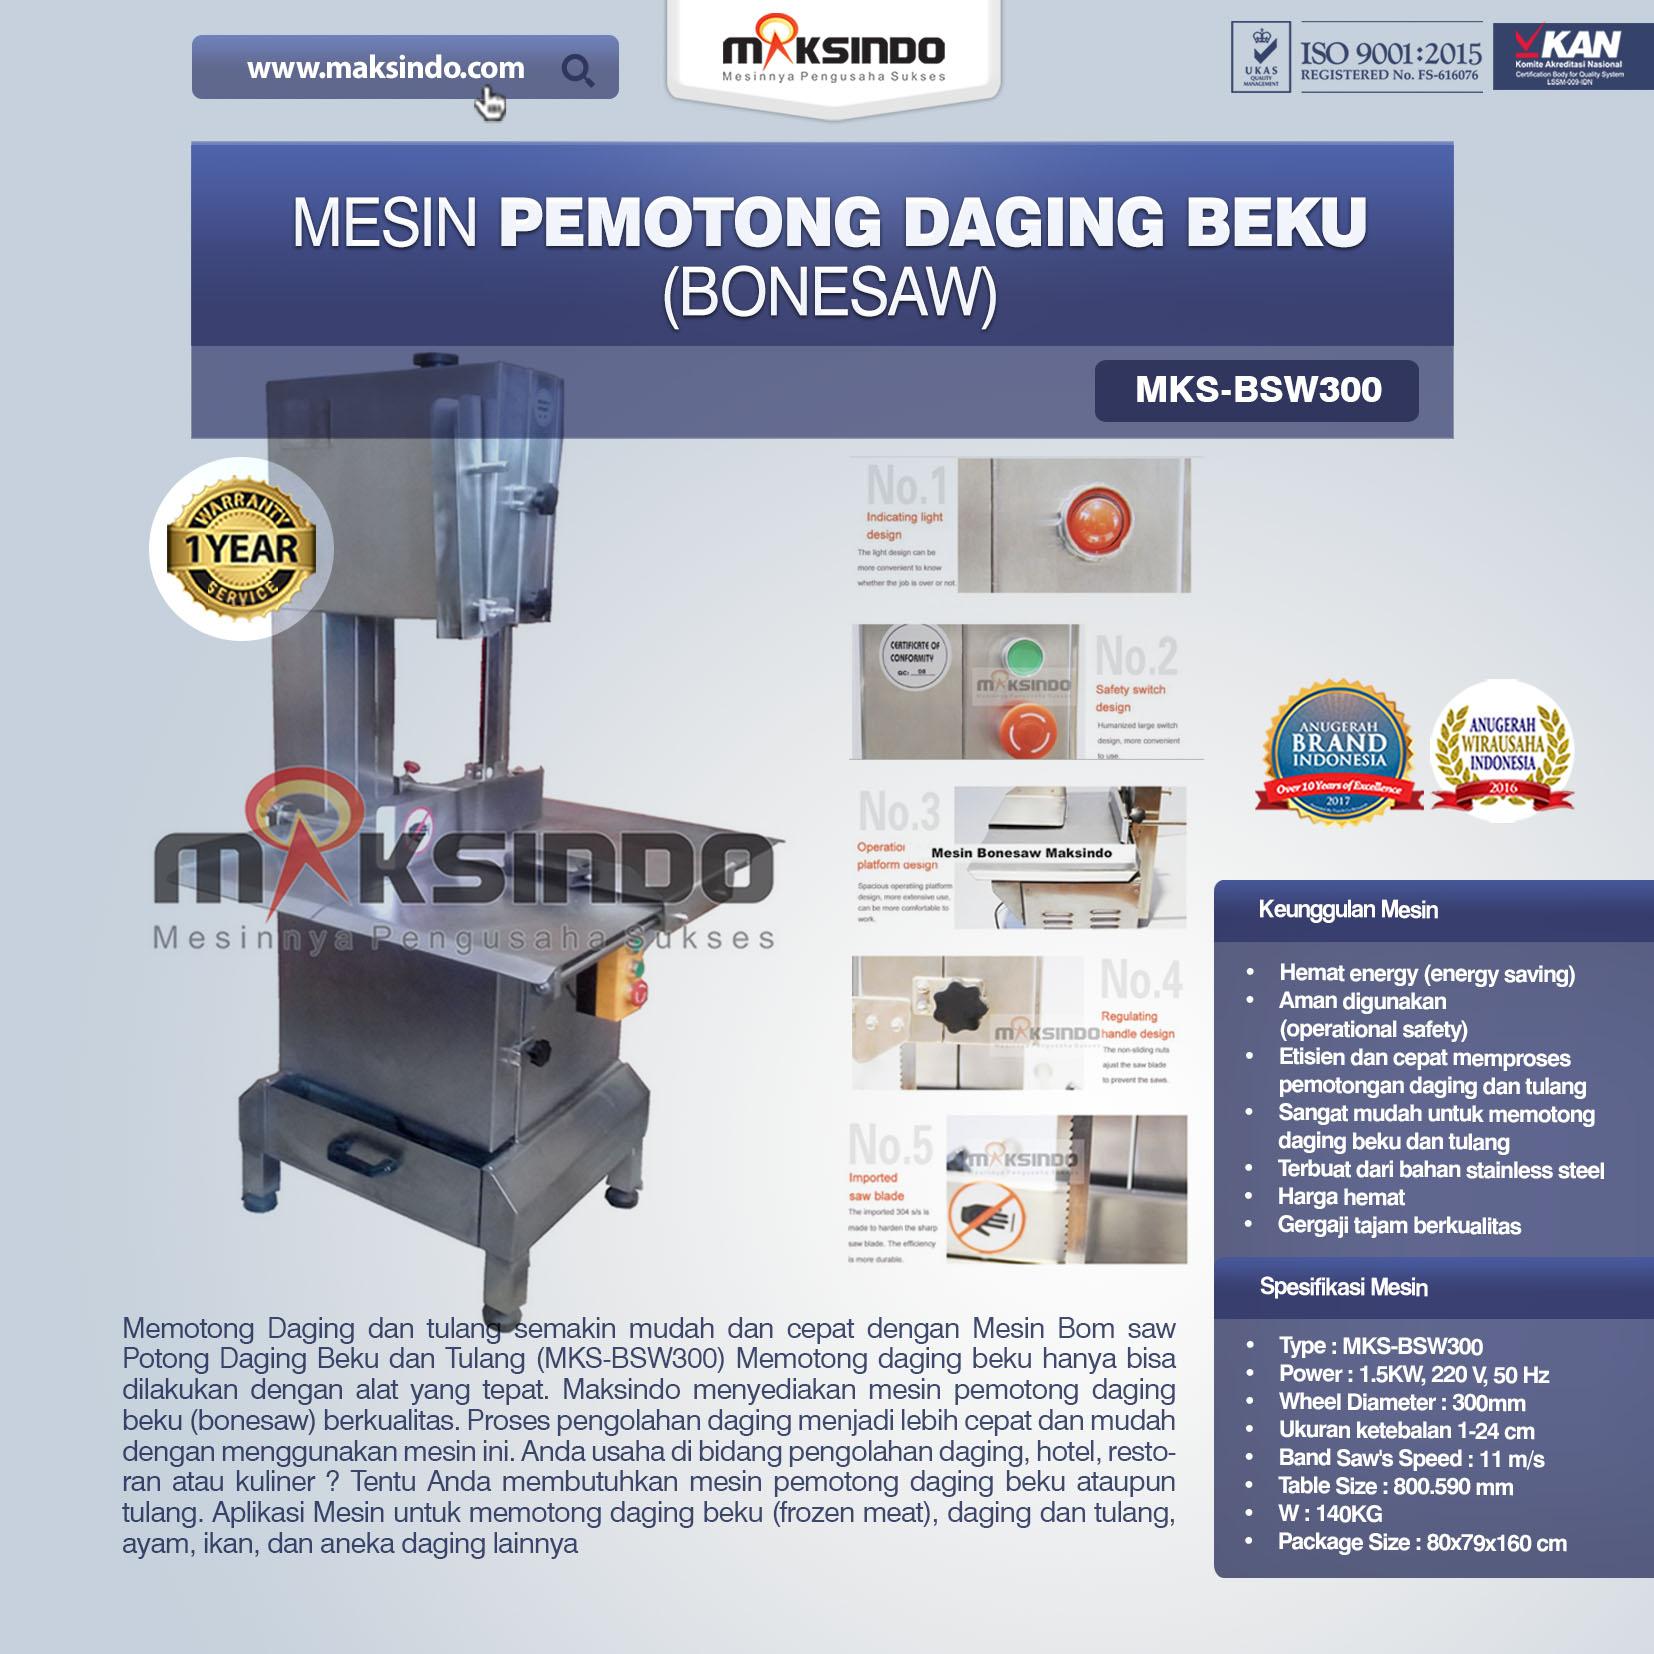 Jual Mesin Mesin Bonesaw Potong Daging Beku dan Tulang (MKS-BSW300) di Tangerang